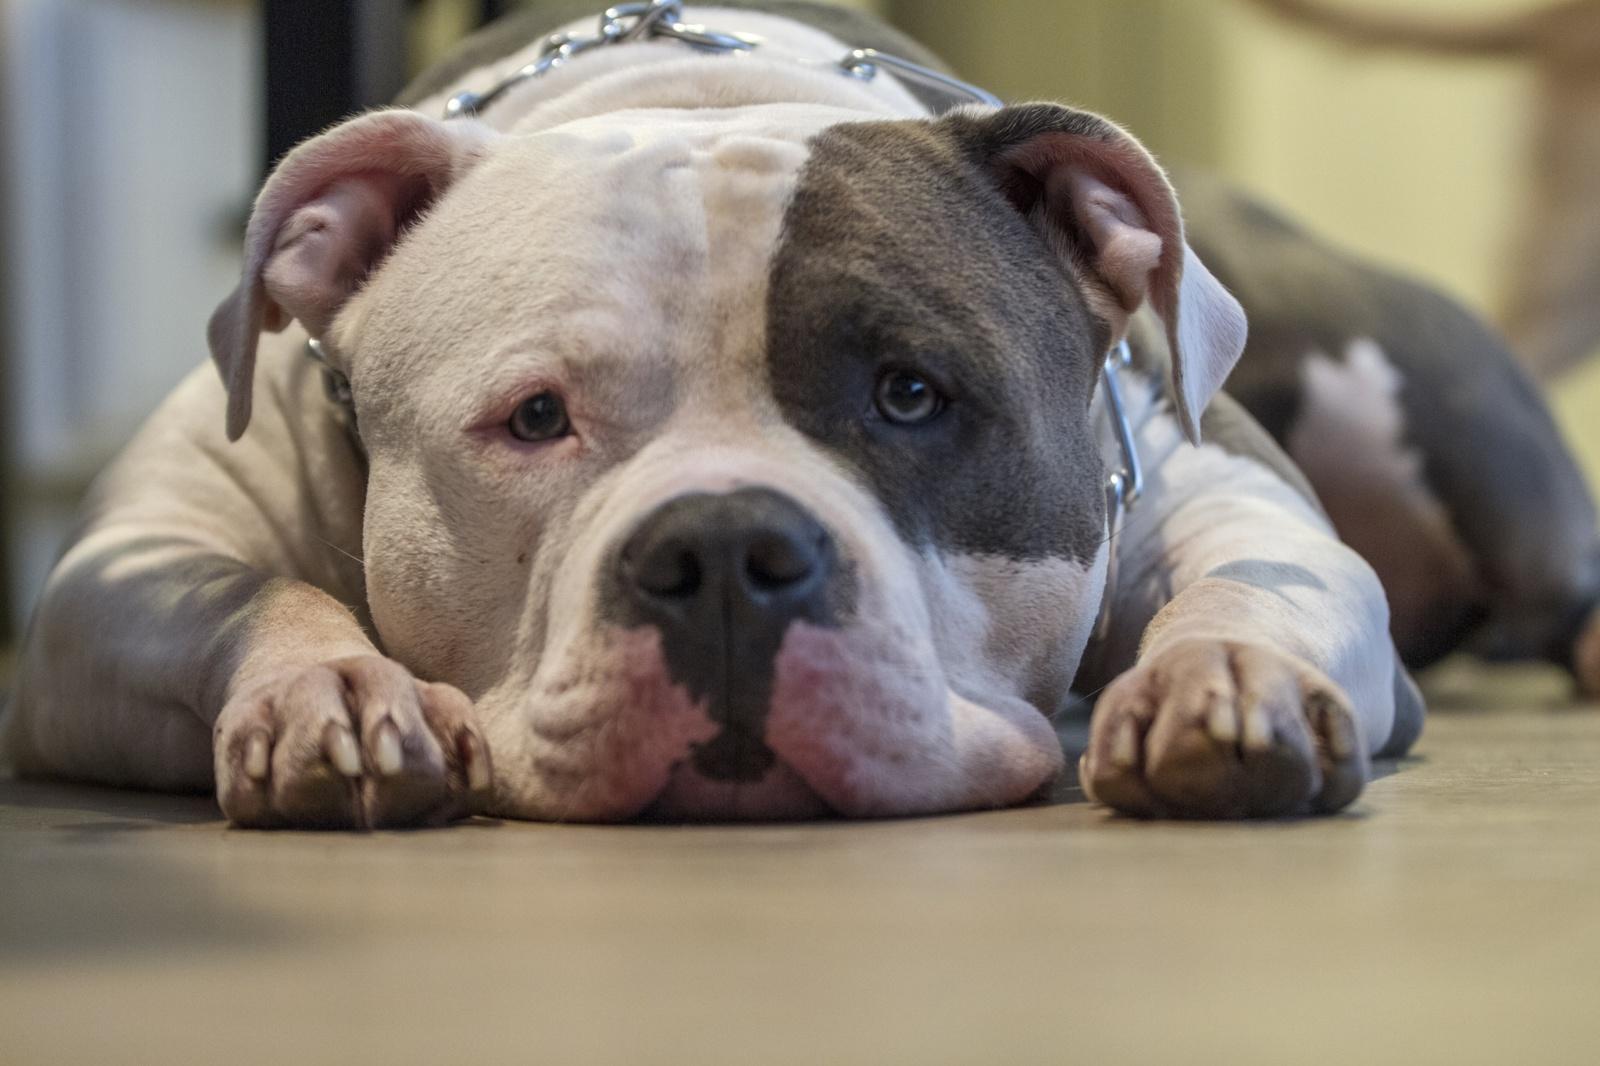 Nemokšiškumas gali sugadinti šuns psichiką